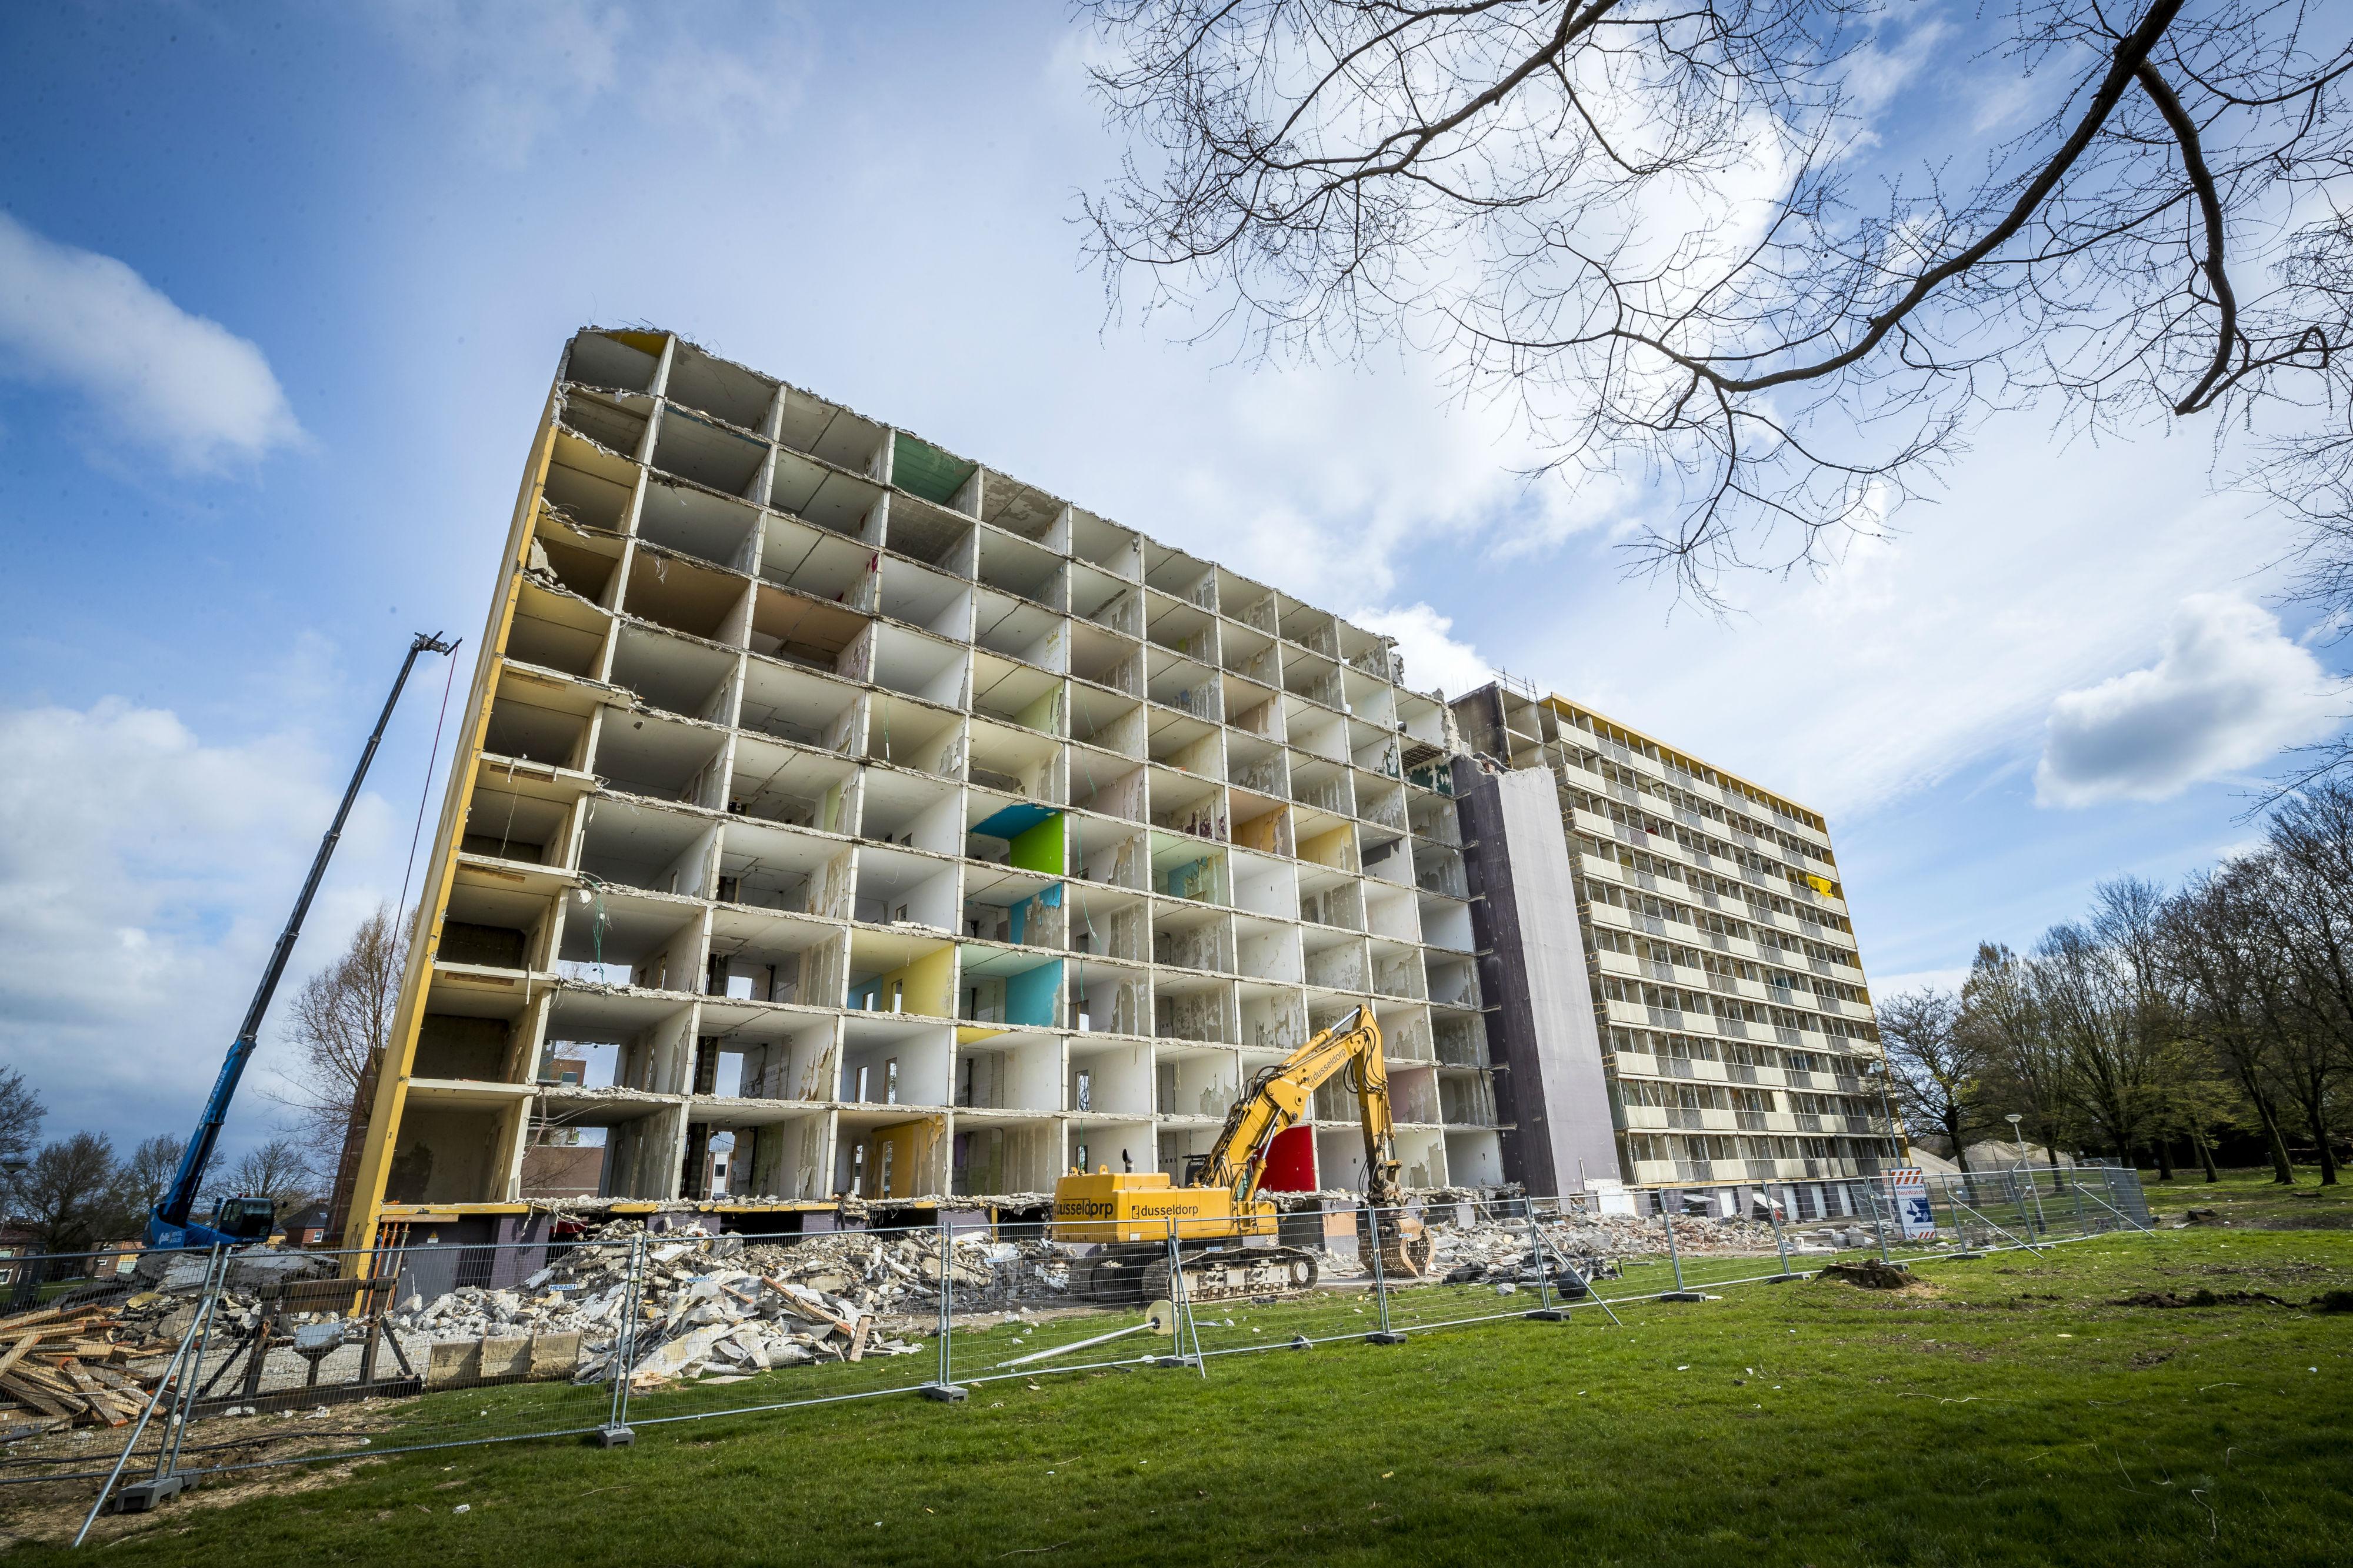 <p>In Bleijerheide, Kerkrade maken vier flats plaats voor 130 woningen. De flat op de foto wordt deels traditioneel gesloopt. Het resterende deel wordt volledig gerenoveerd om te voldoen aan de huidige wooneisen.</p>